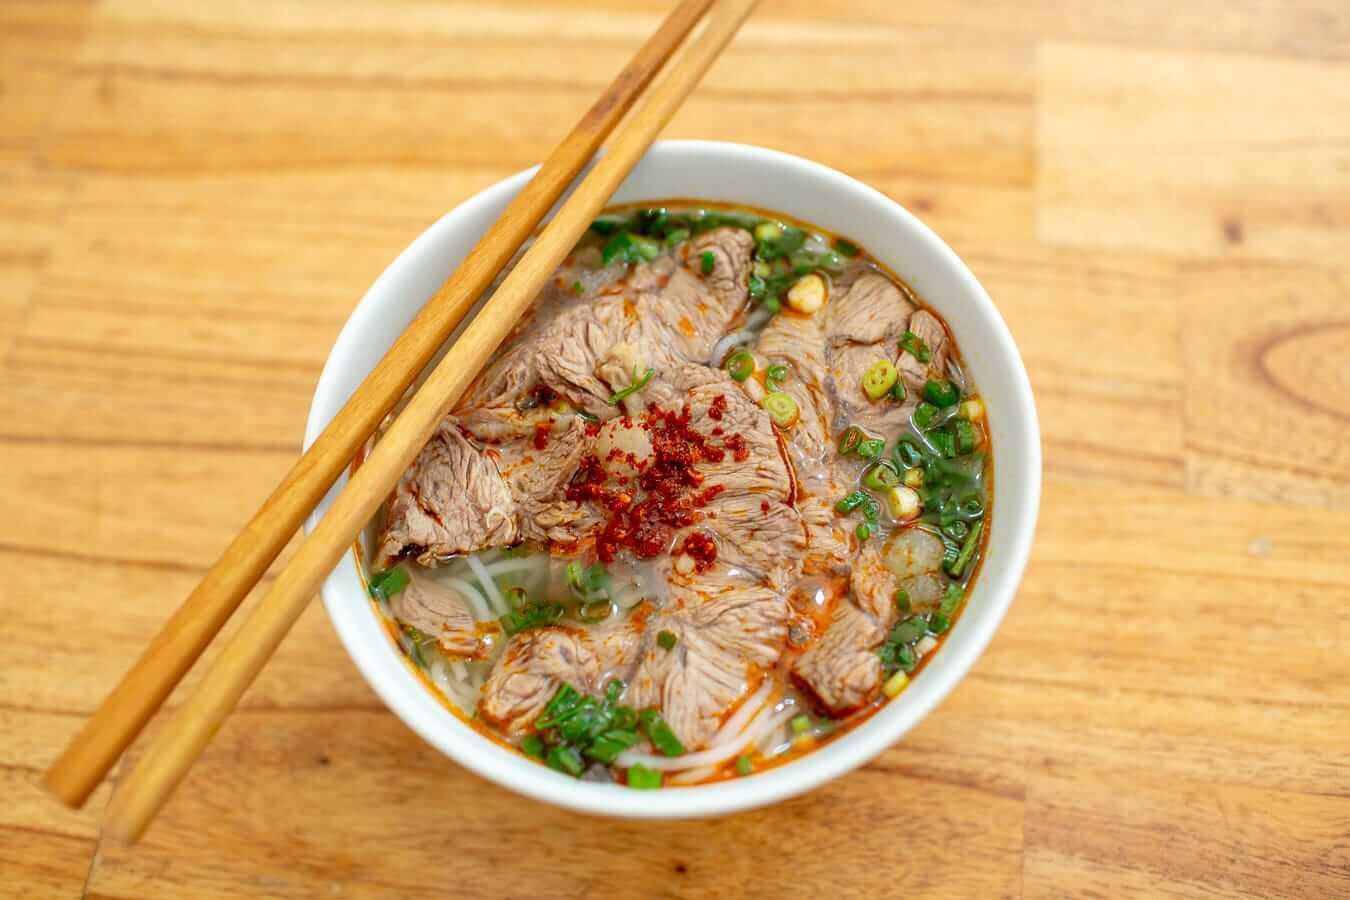 A bowl of Bun Bo Hue